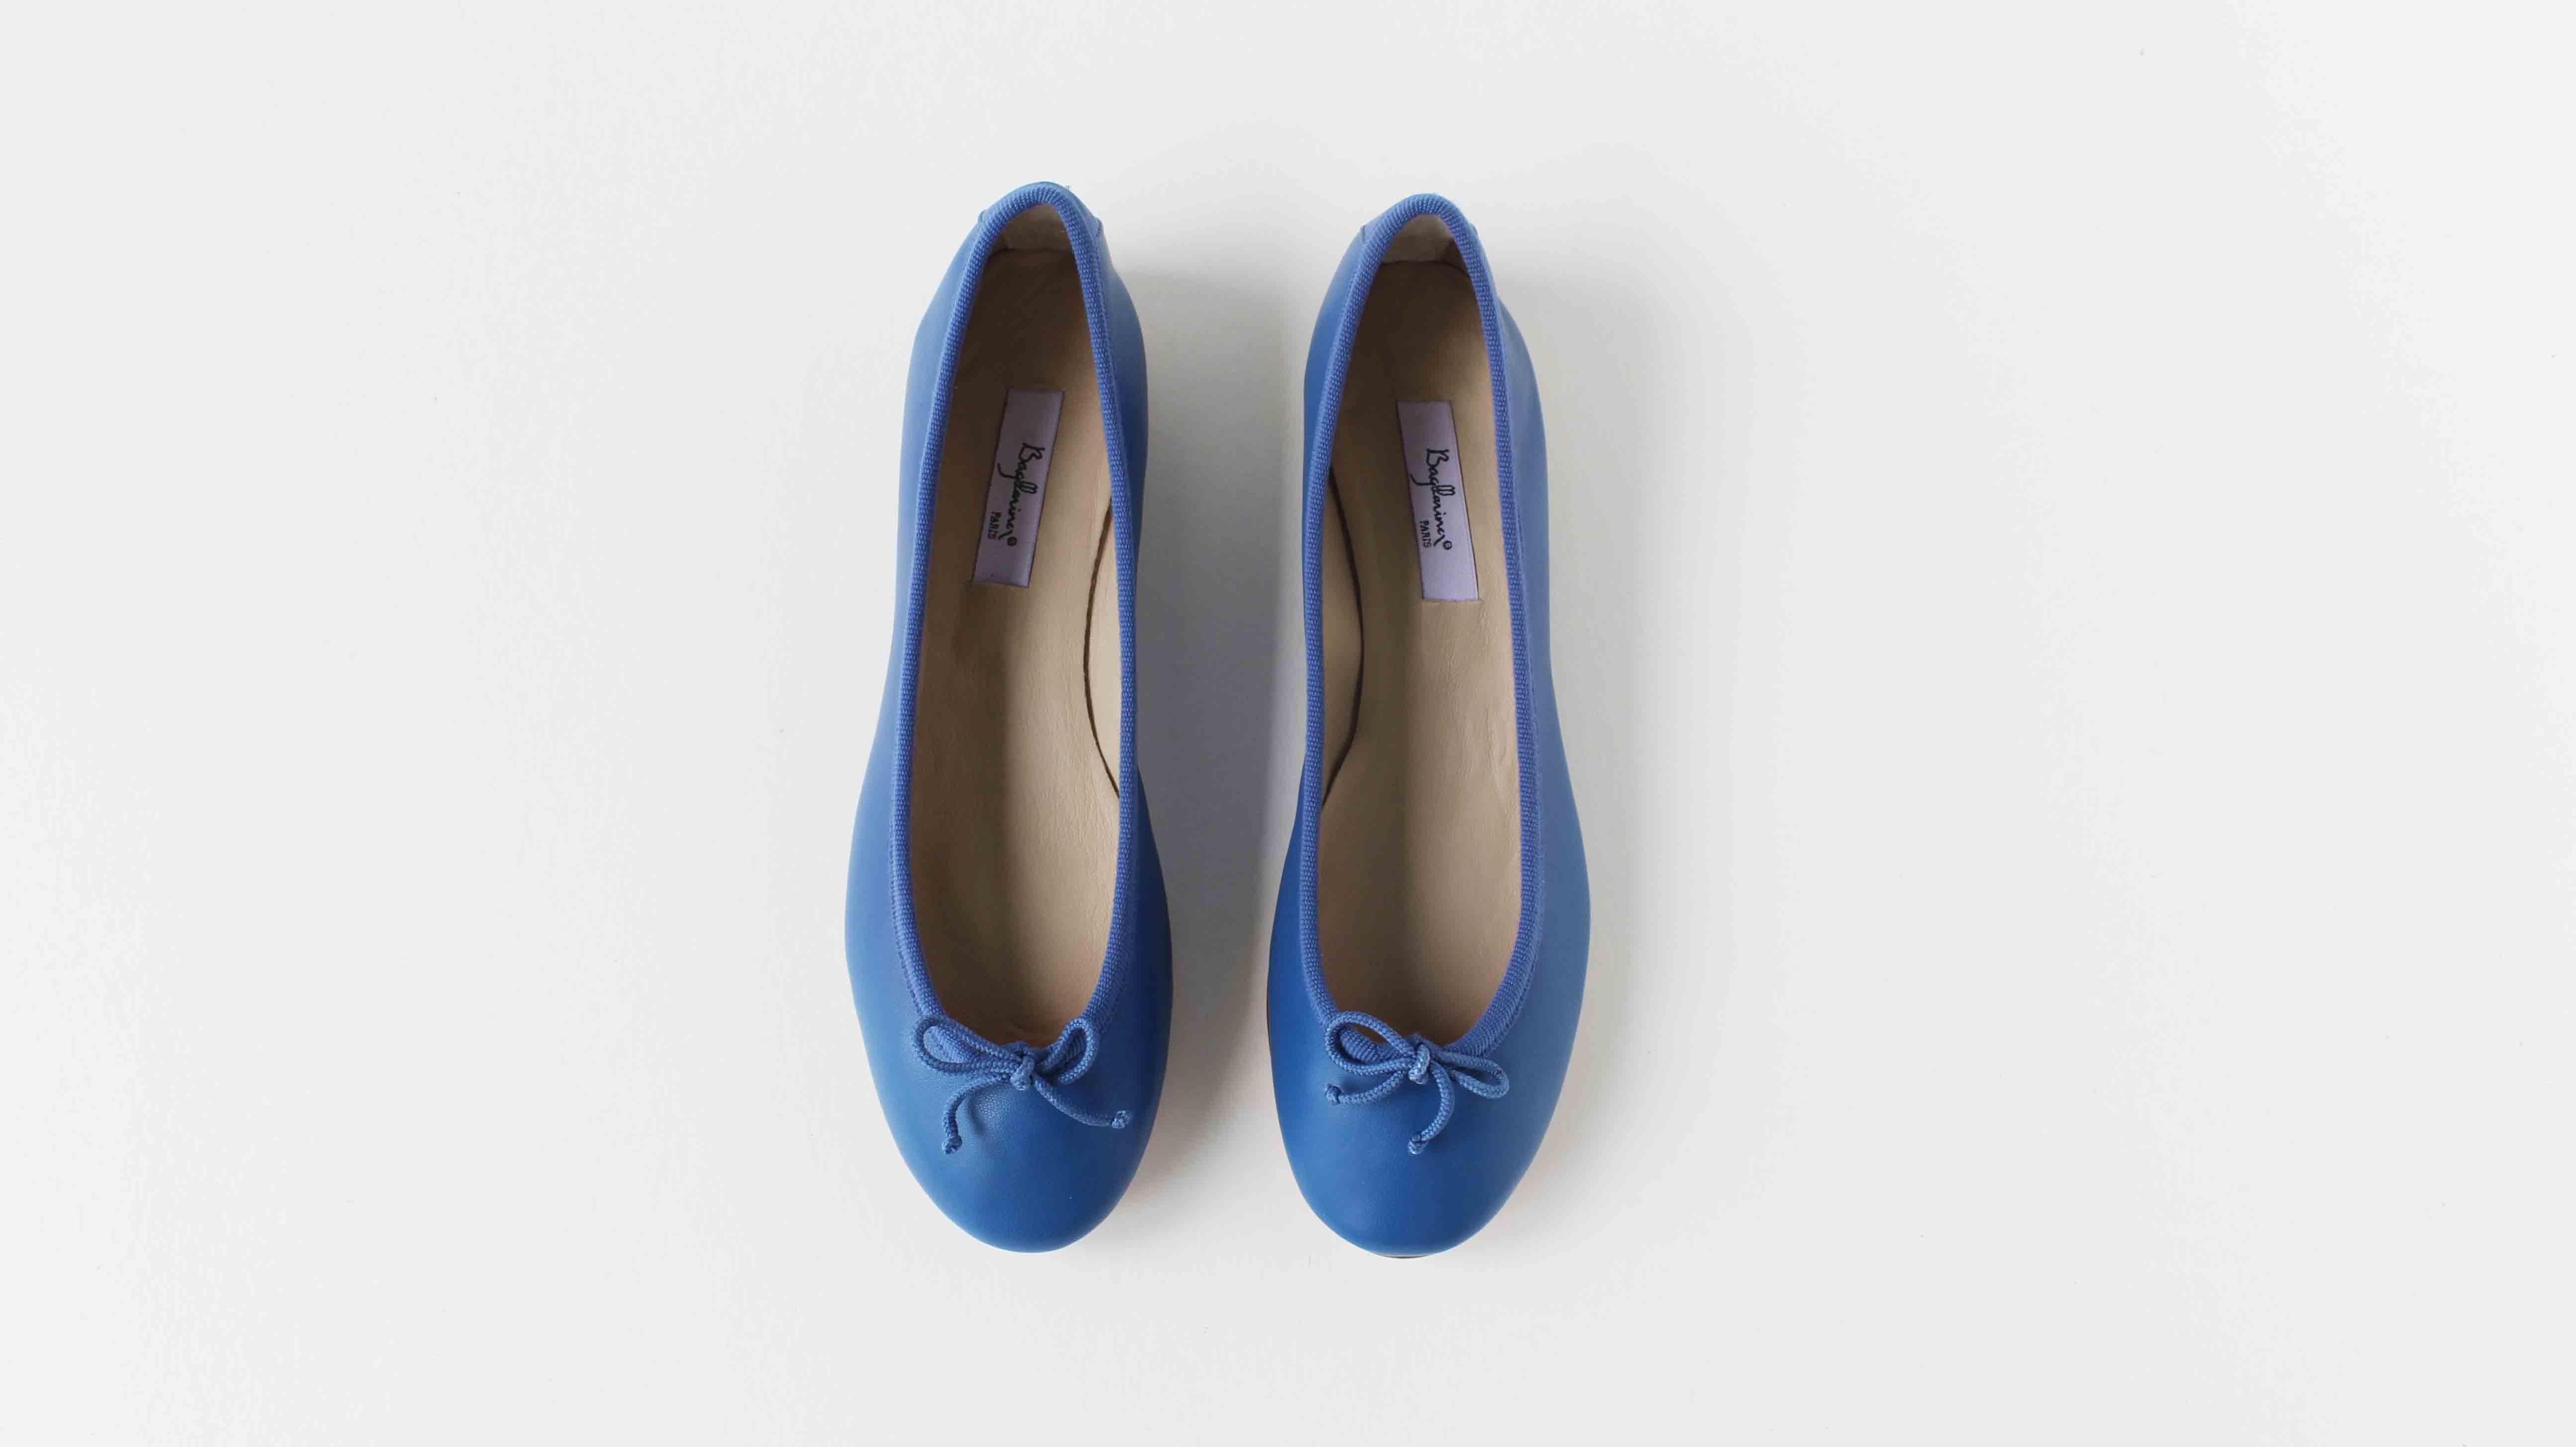 小羊皮圓頭芭蕾舞鞋 靛藍,,,06BA20SCFGLP69,小羊皮圓頭芭蕾舞鞋靛藍,